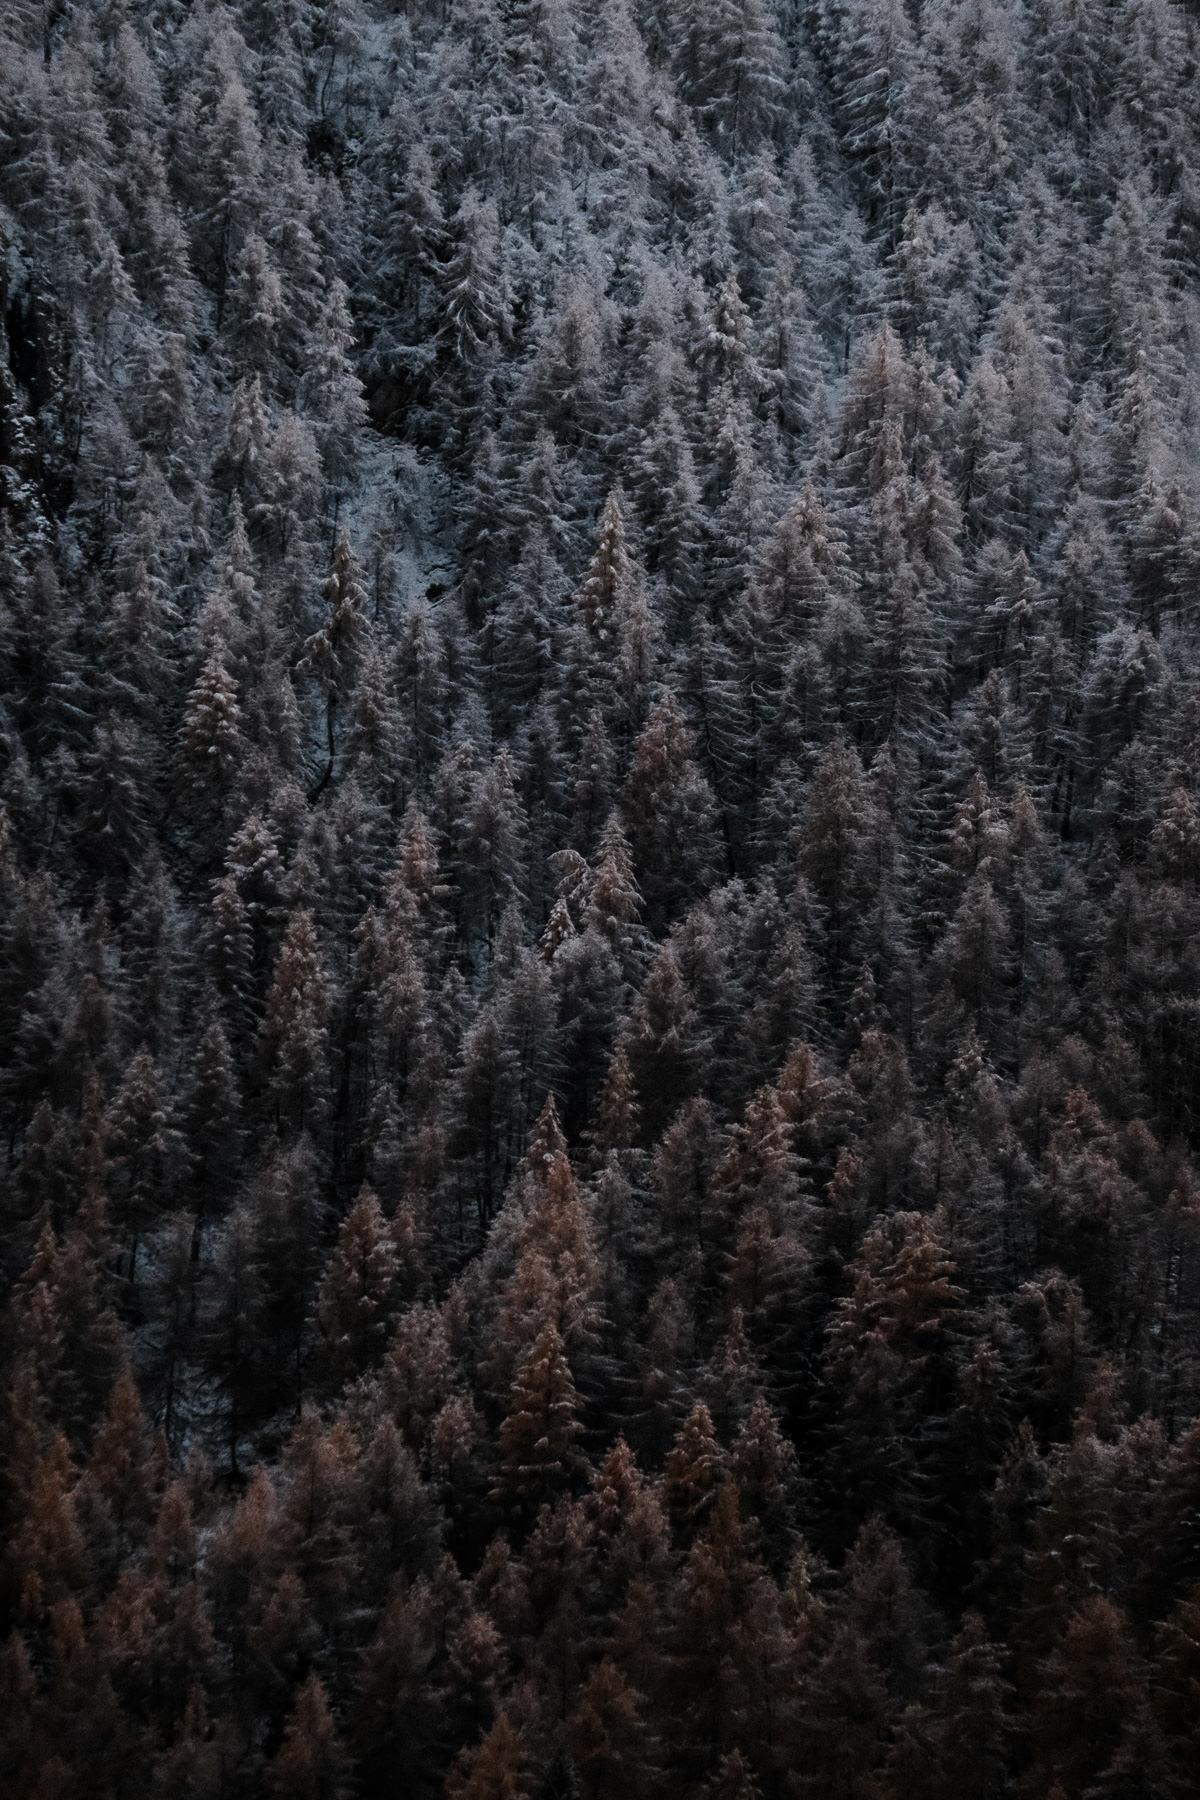 La neige qui recouvre la forêt en novembre à Valloire